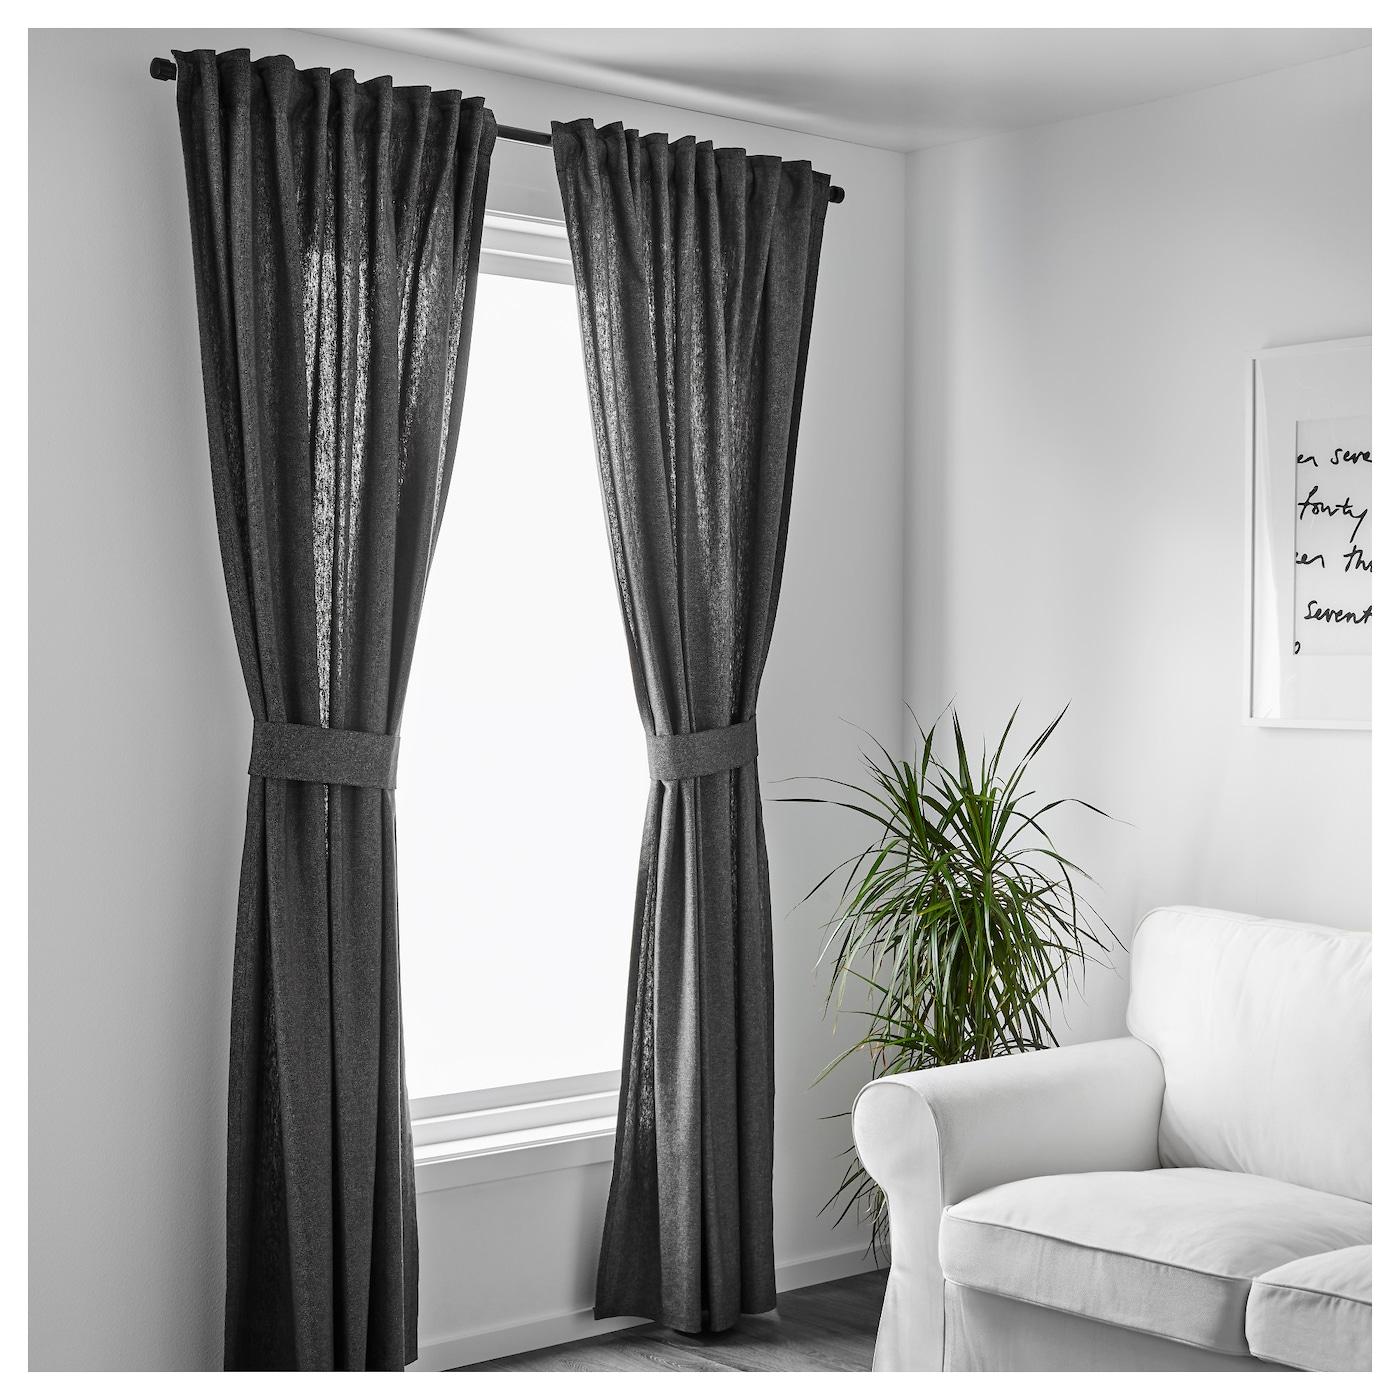 ingert rideaux embrasses 1 paire gris fonc 145x300 cm ikea. Black Bedroom Furniture Sets. Home Design Ideas